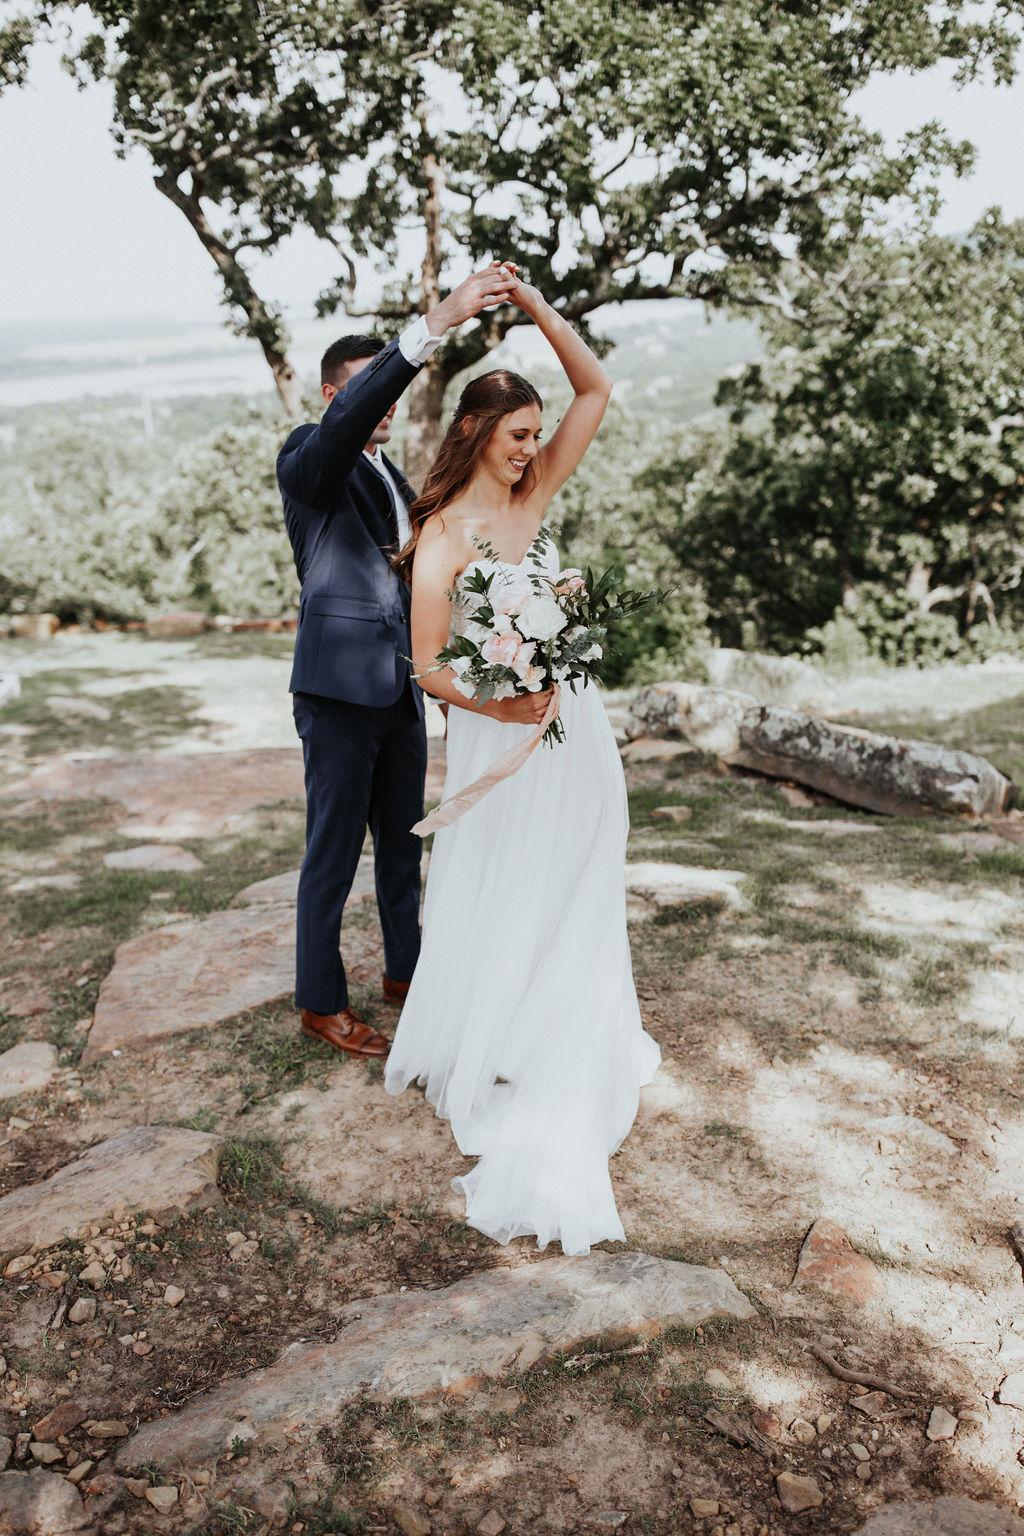 Tulsa Outdoor Wedding Venues 21.jpg